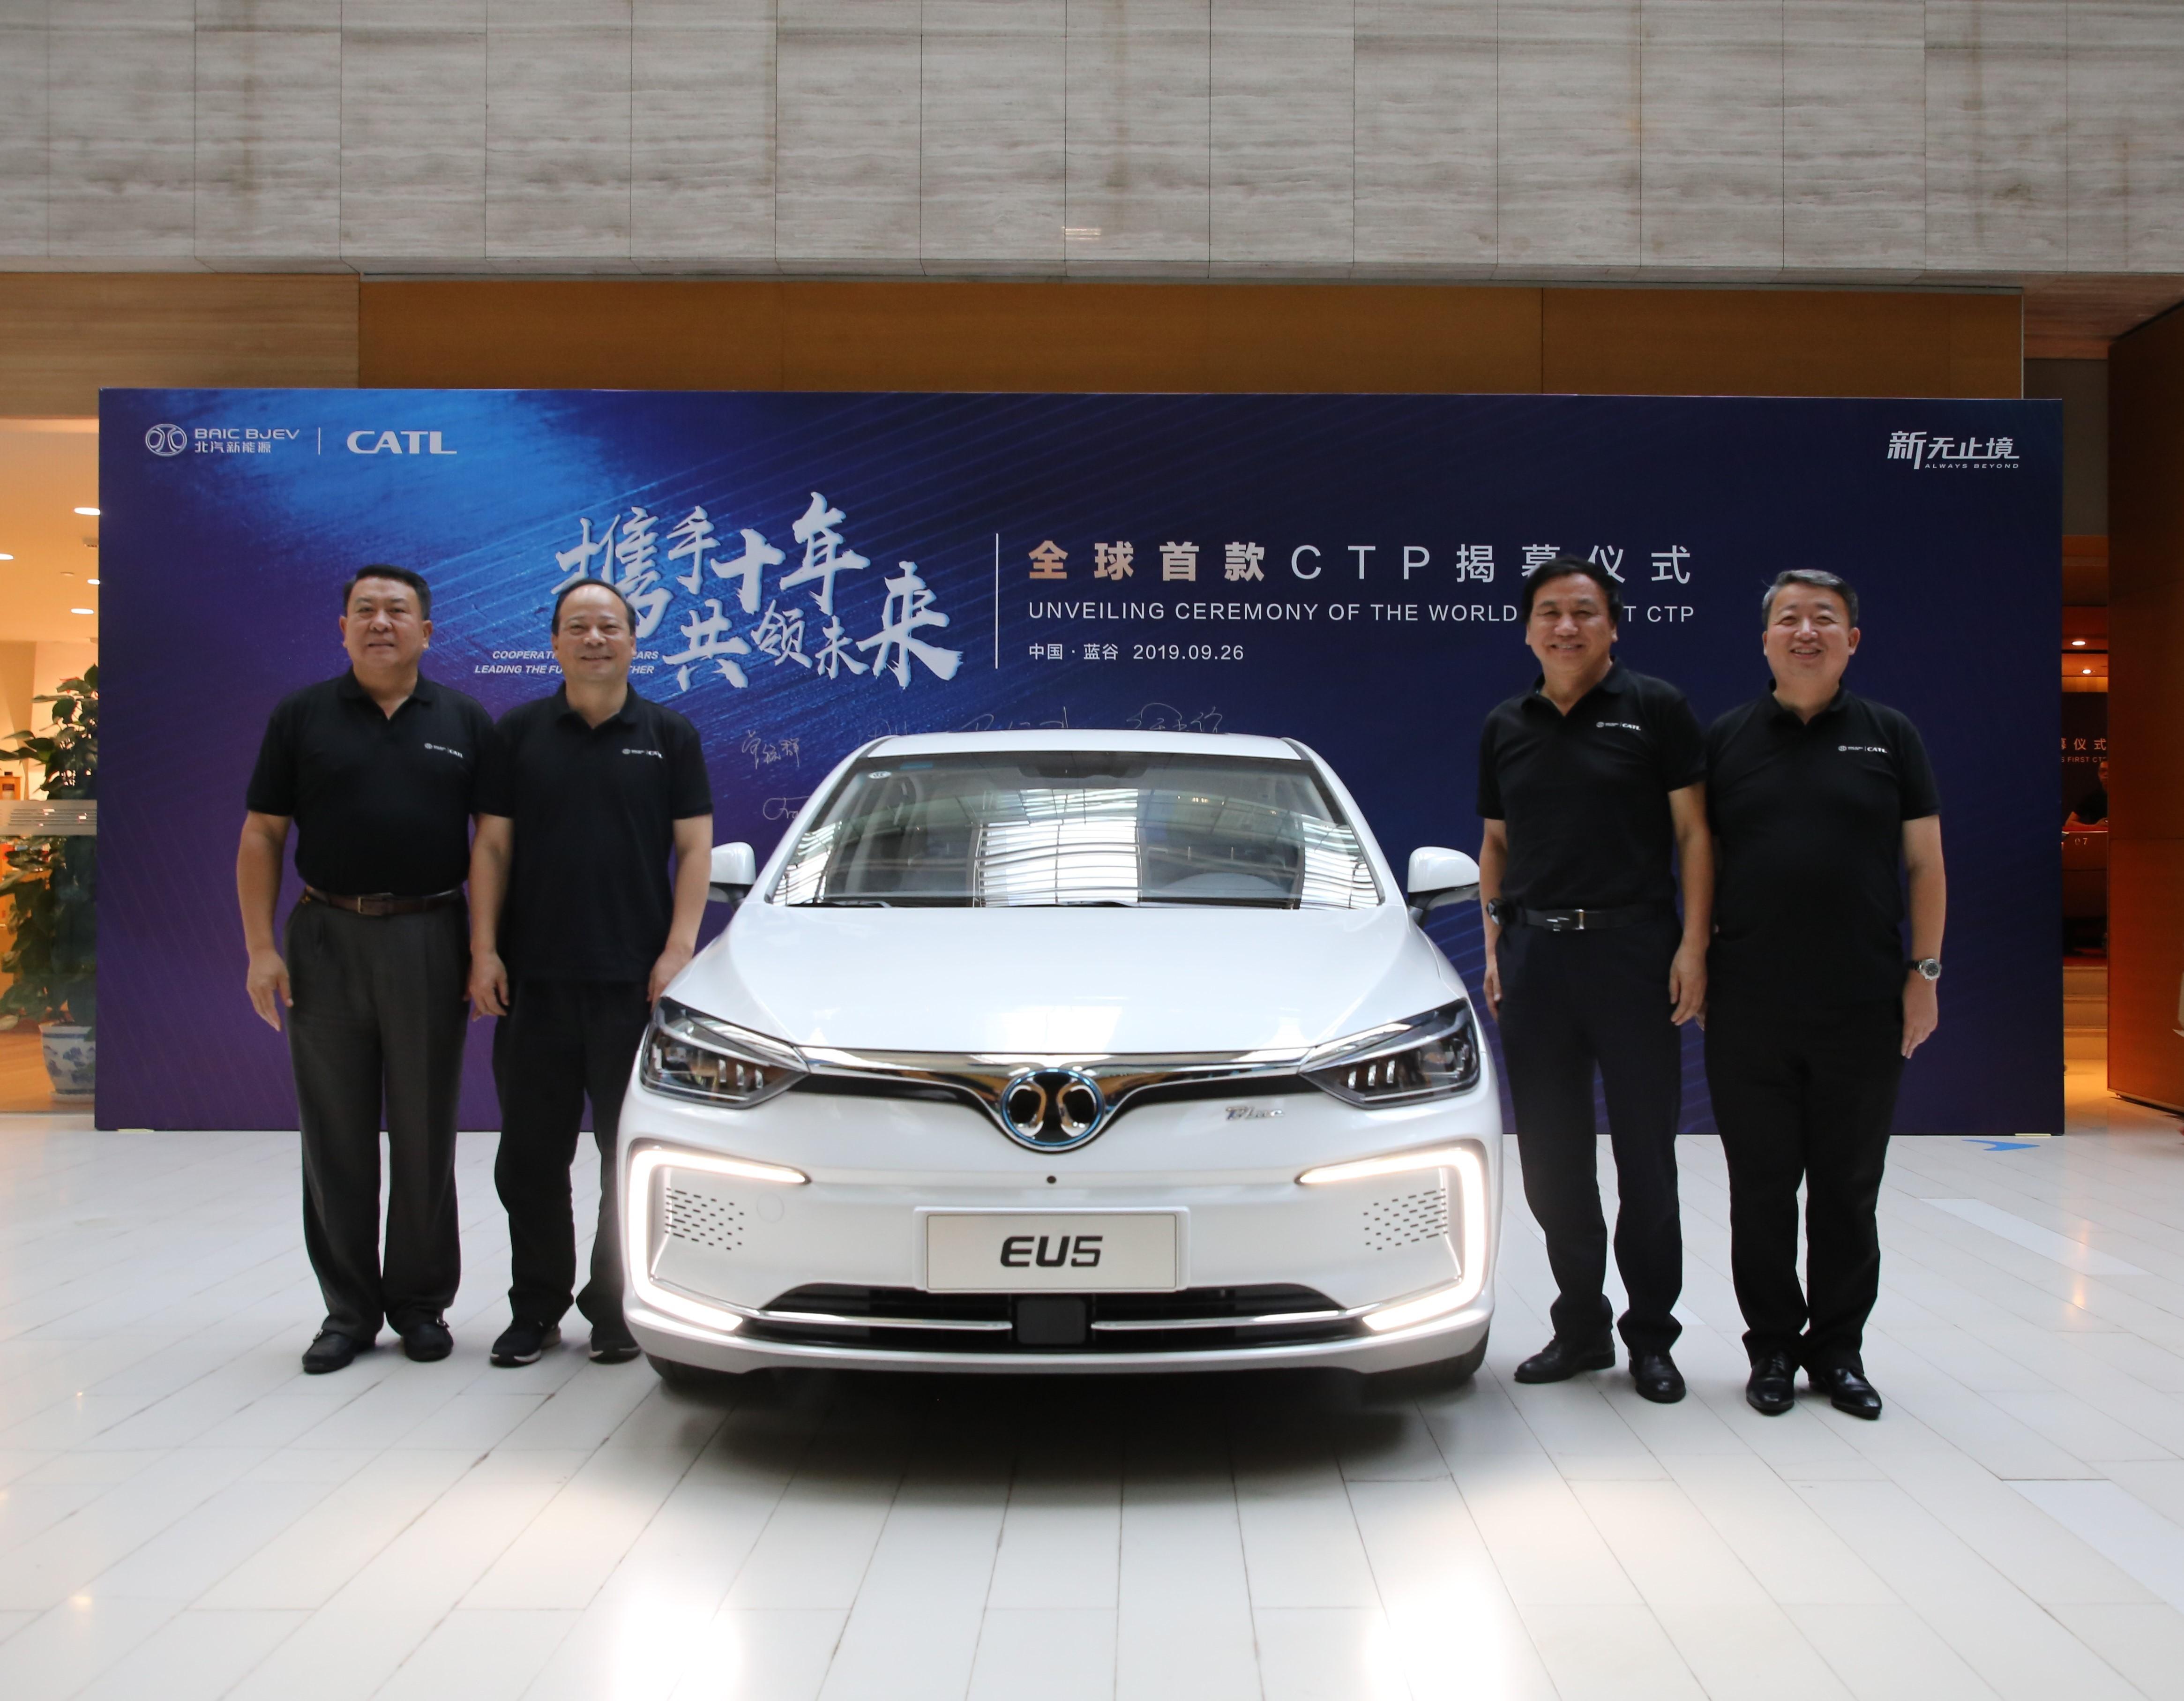 北汽新能源携手宁德时代 推出全球首款CTP电池包